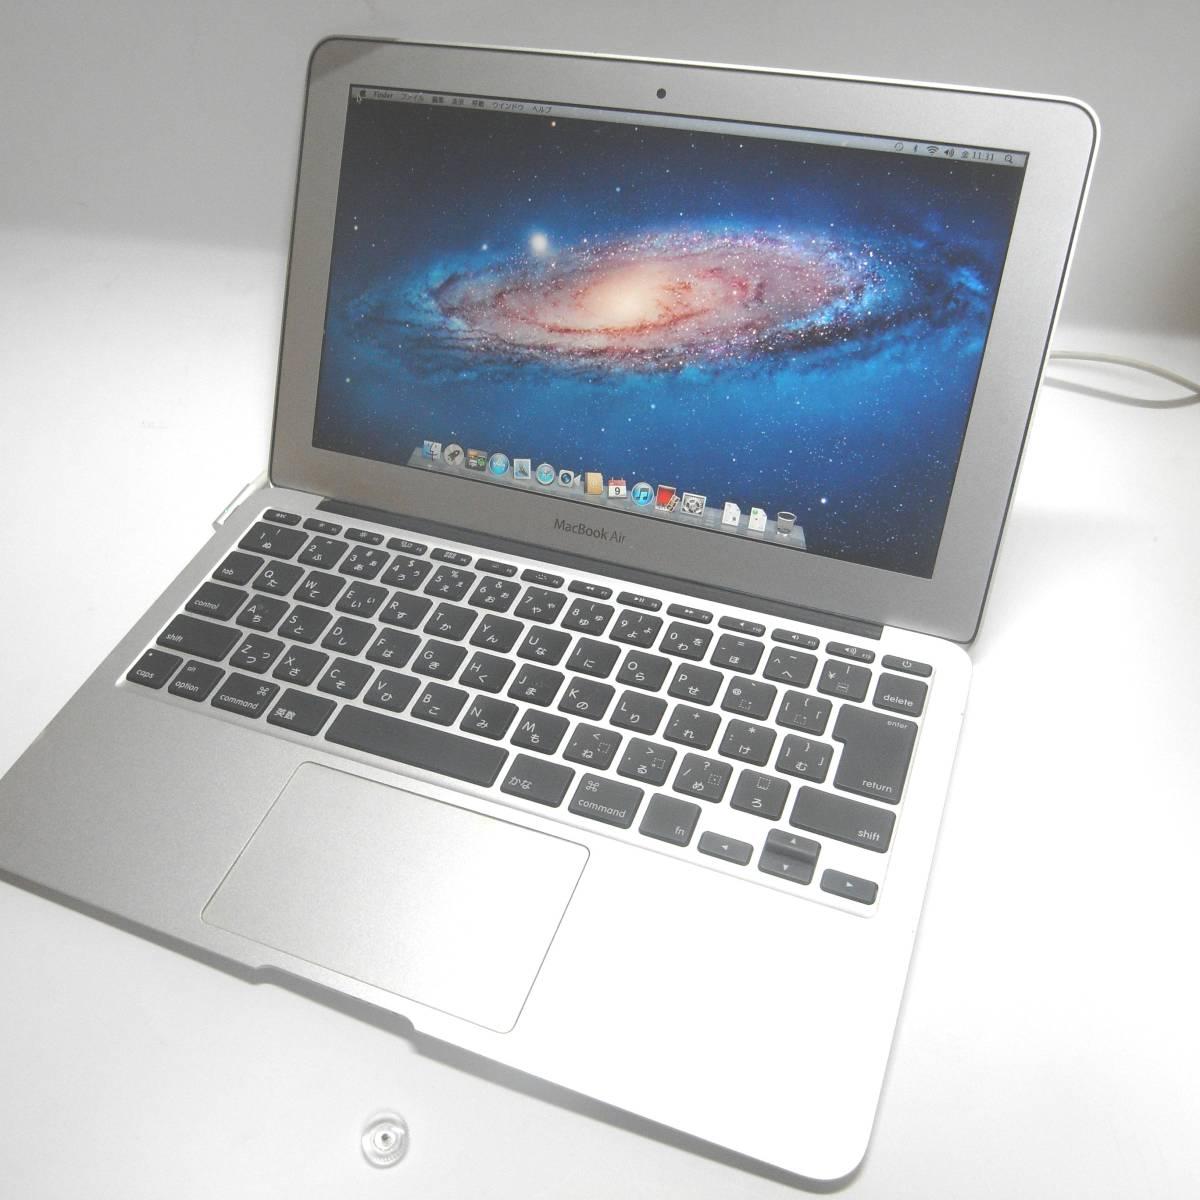 Apple MacBook Air A1370 i7 1.8GHz メモリ4GB SSD256GB 11インチ液晶 macOS X 10.7.5